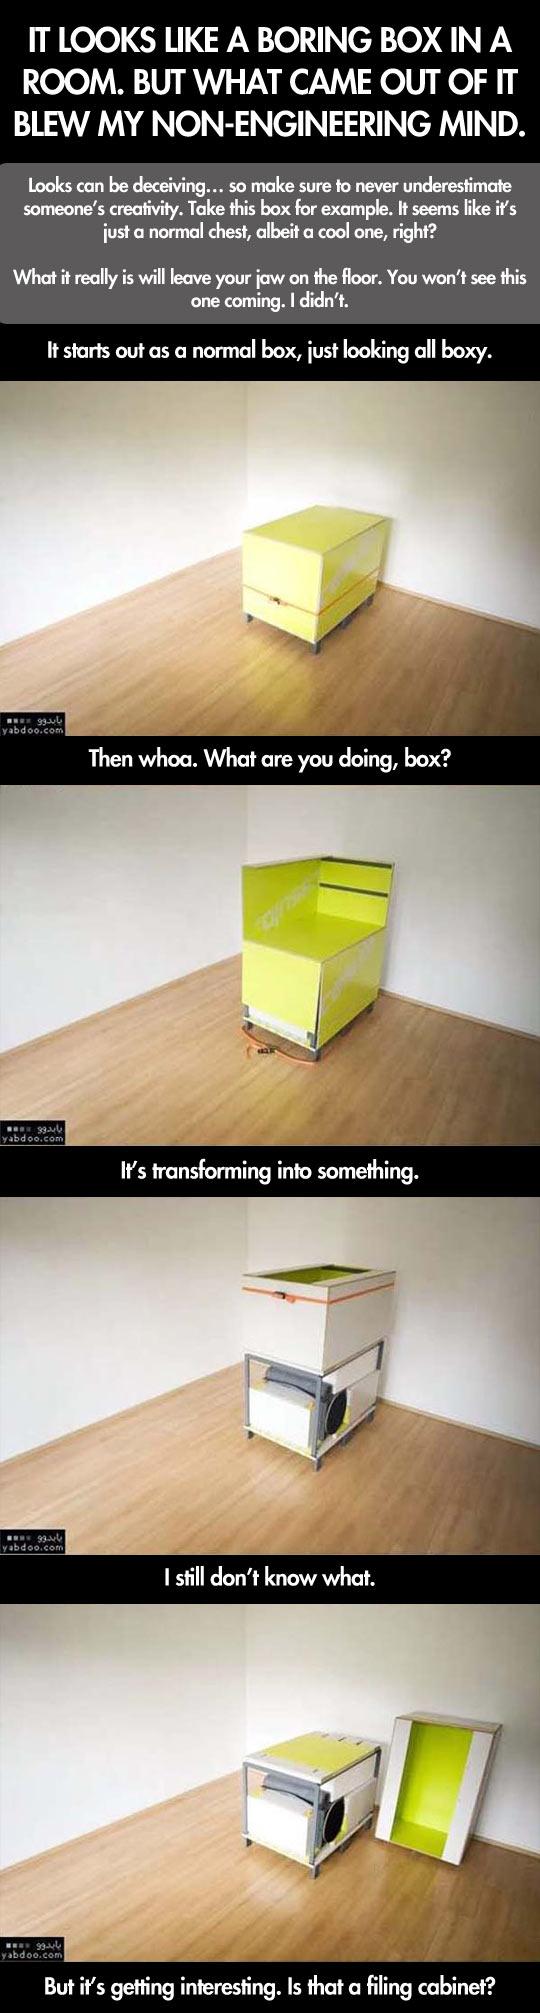 Cool room inside a box